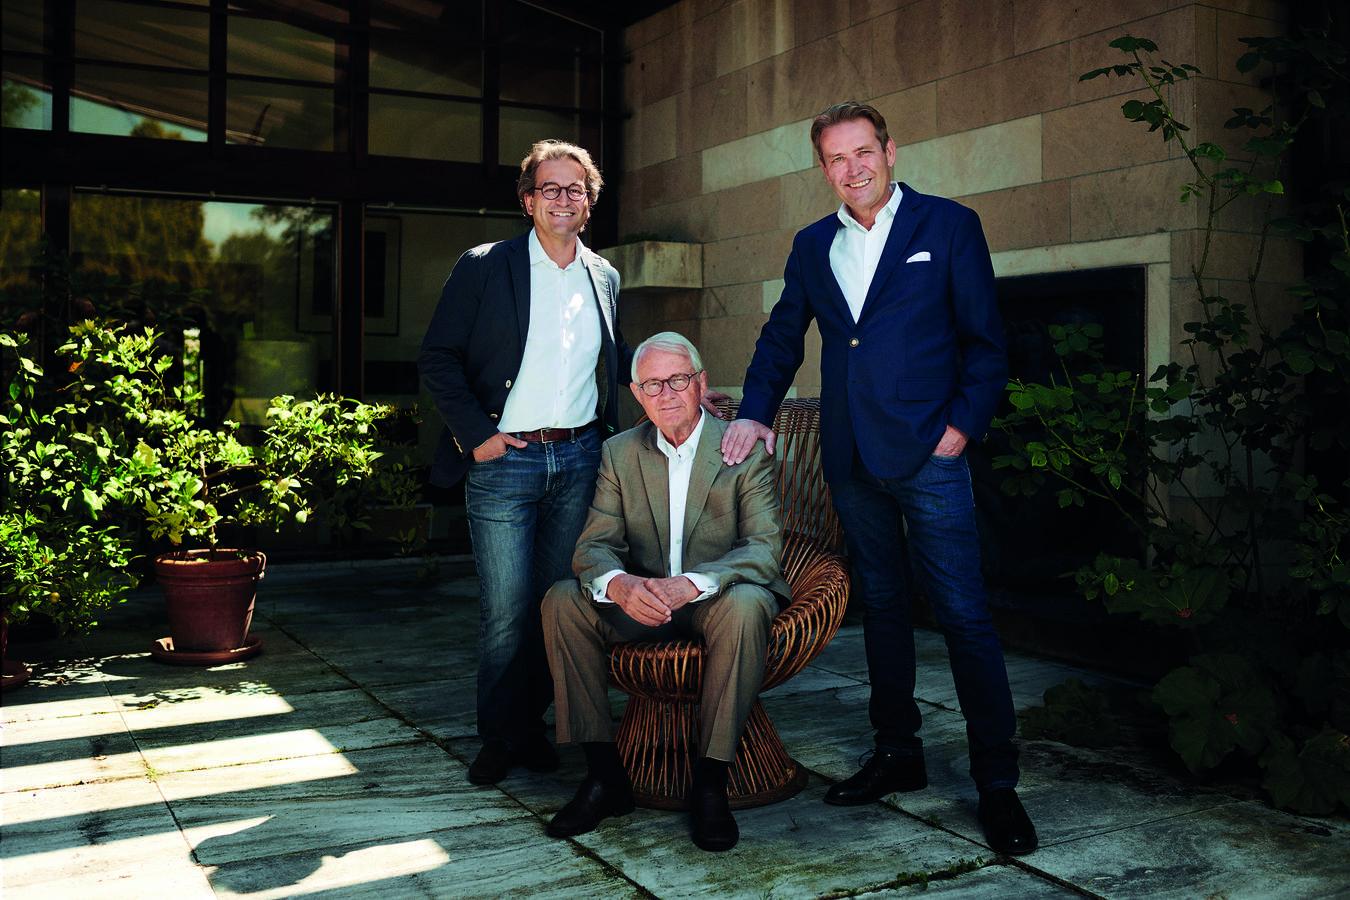 Die fünfte und sechste Generation: Michael Fischbacher mit seinem Bruder Christian (rechts) und Vater Christian Fischbacher. (© pd)